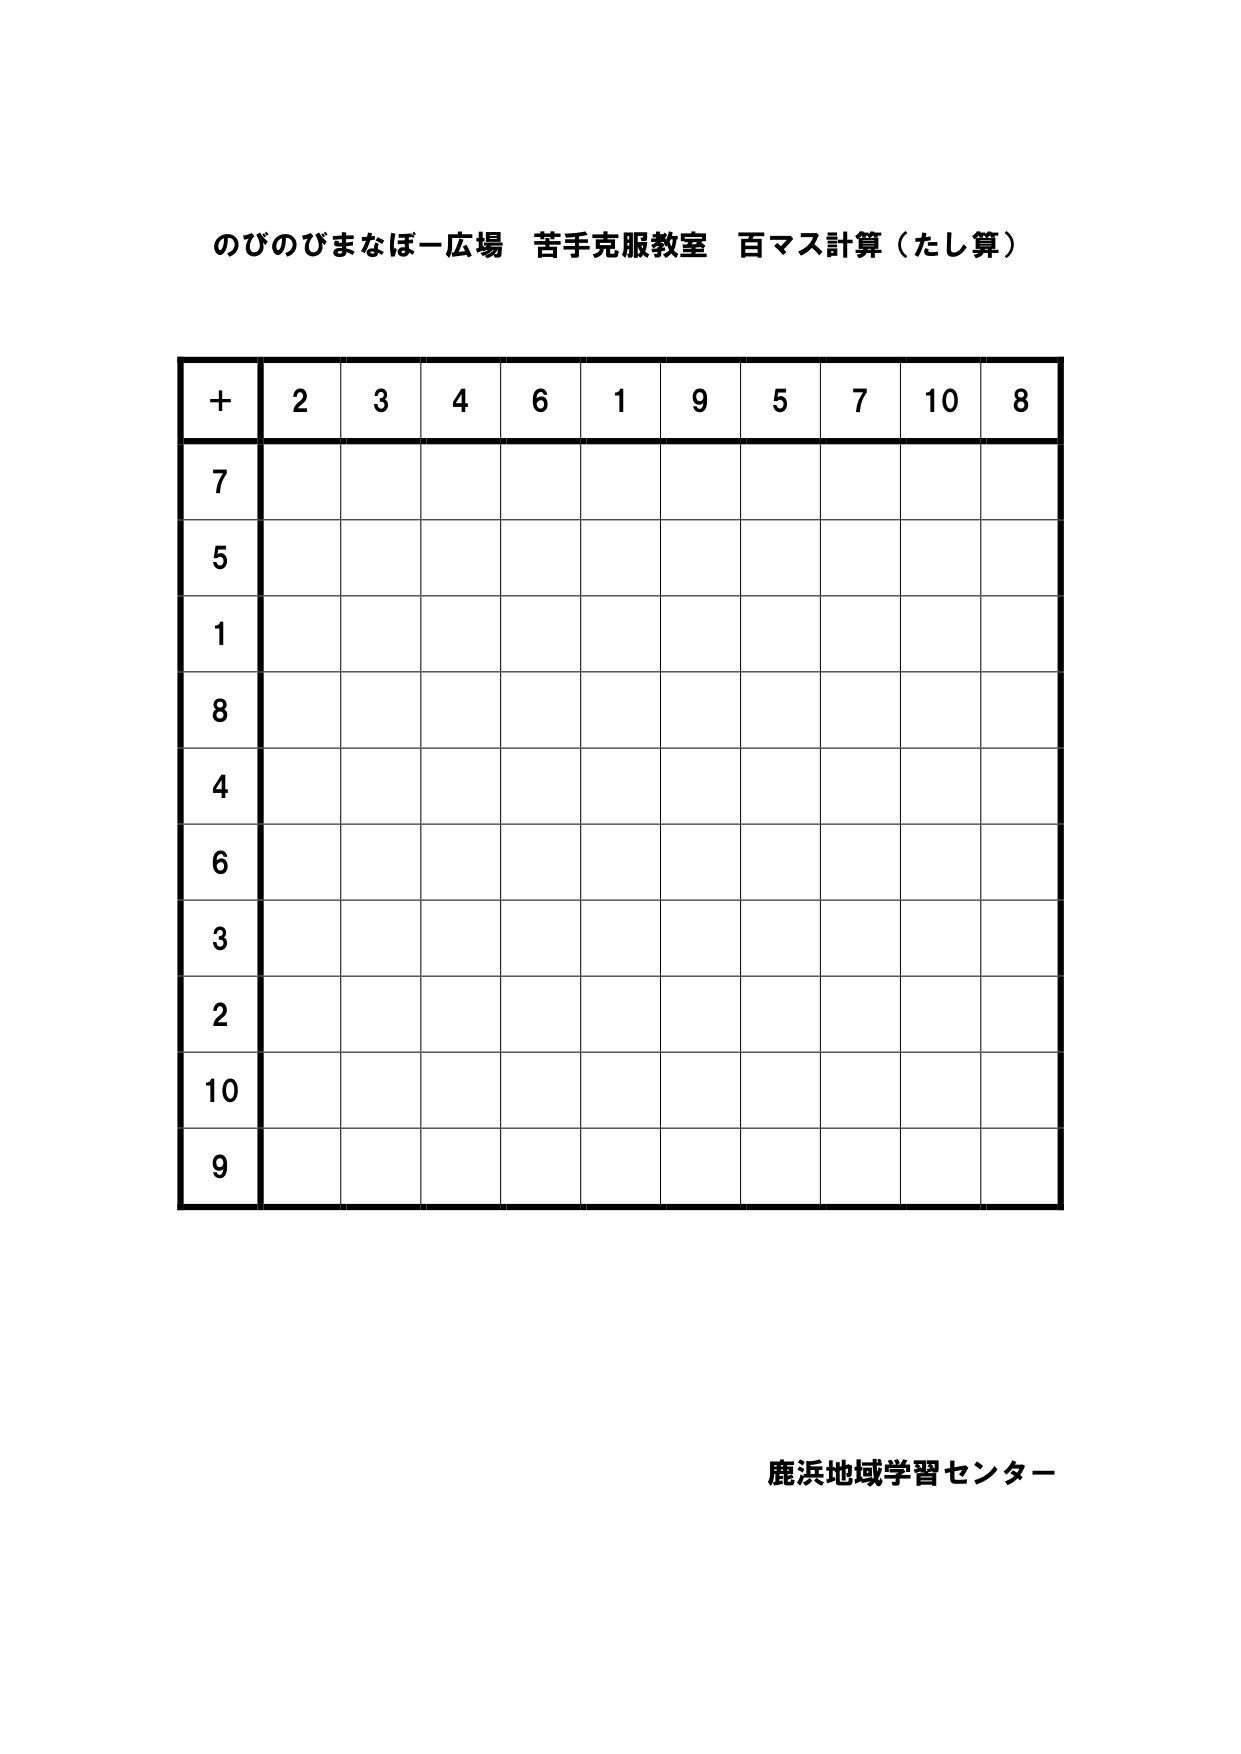 hyakumasu_plus